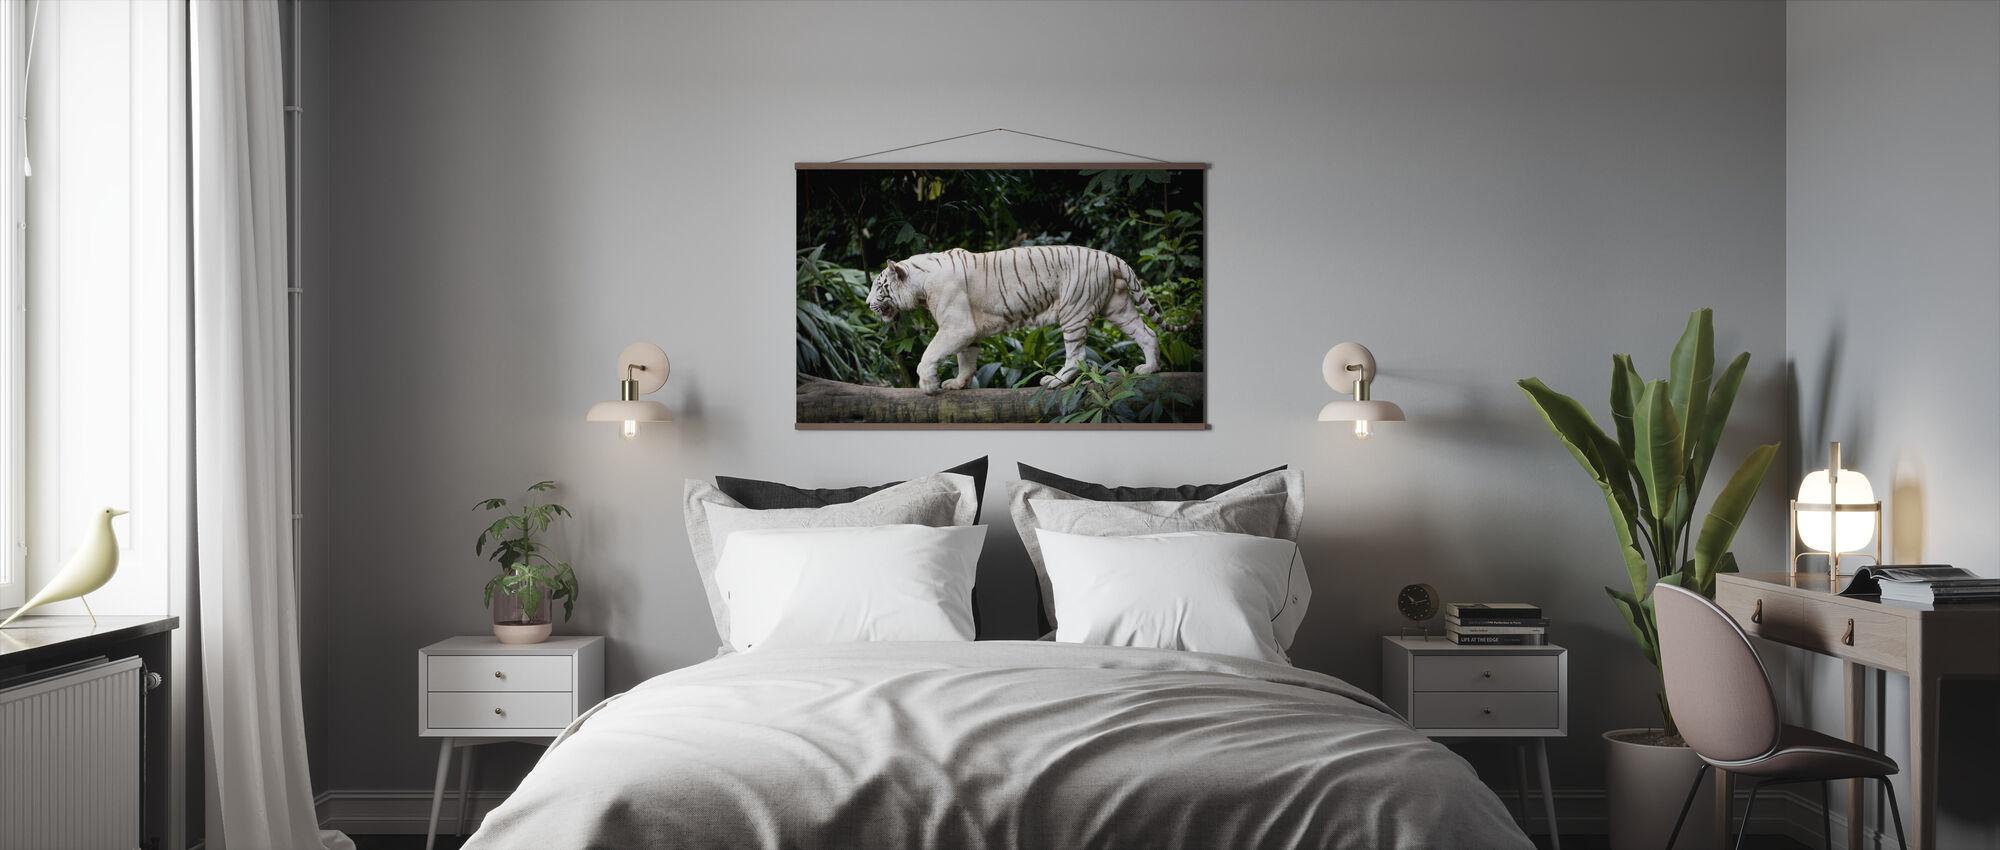 Tigre Branco Masculino - Póster - Dormitorio